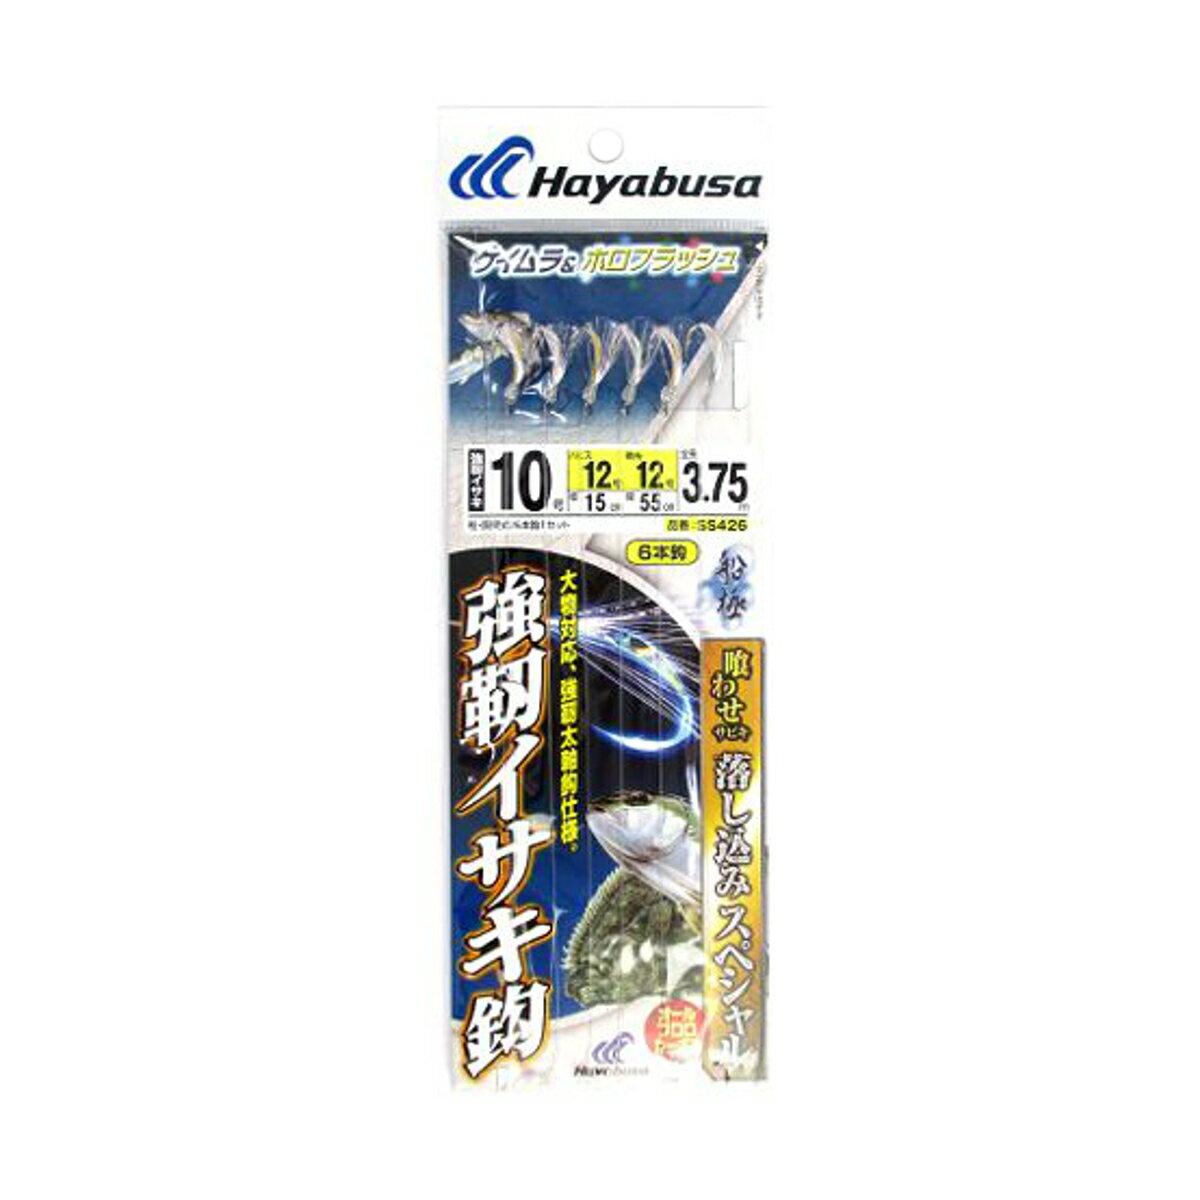 ハヤブサ 船極喰わせサビキ 落し込みスペシャル ケイムラ&ホロフラッシュ SS426 針10号−ハリス12号